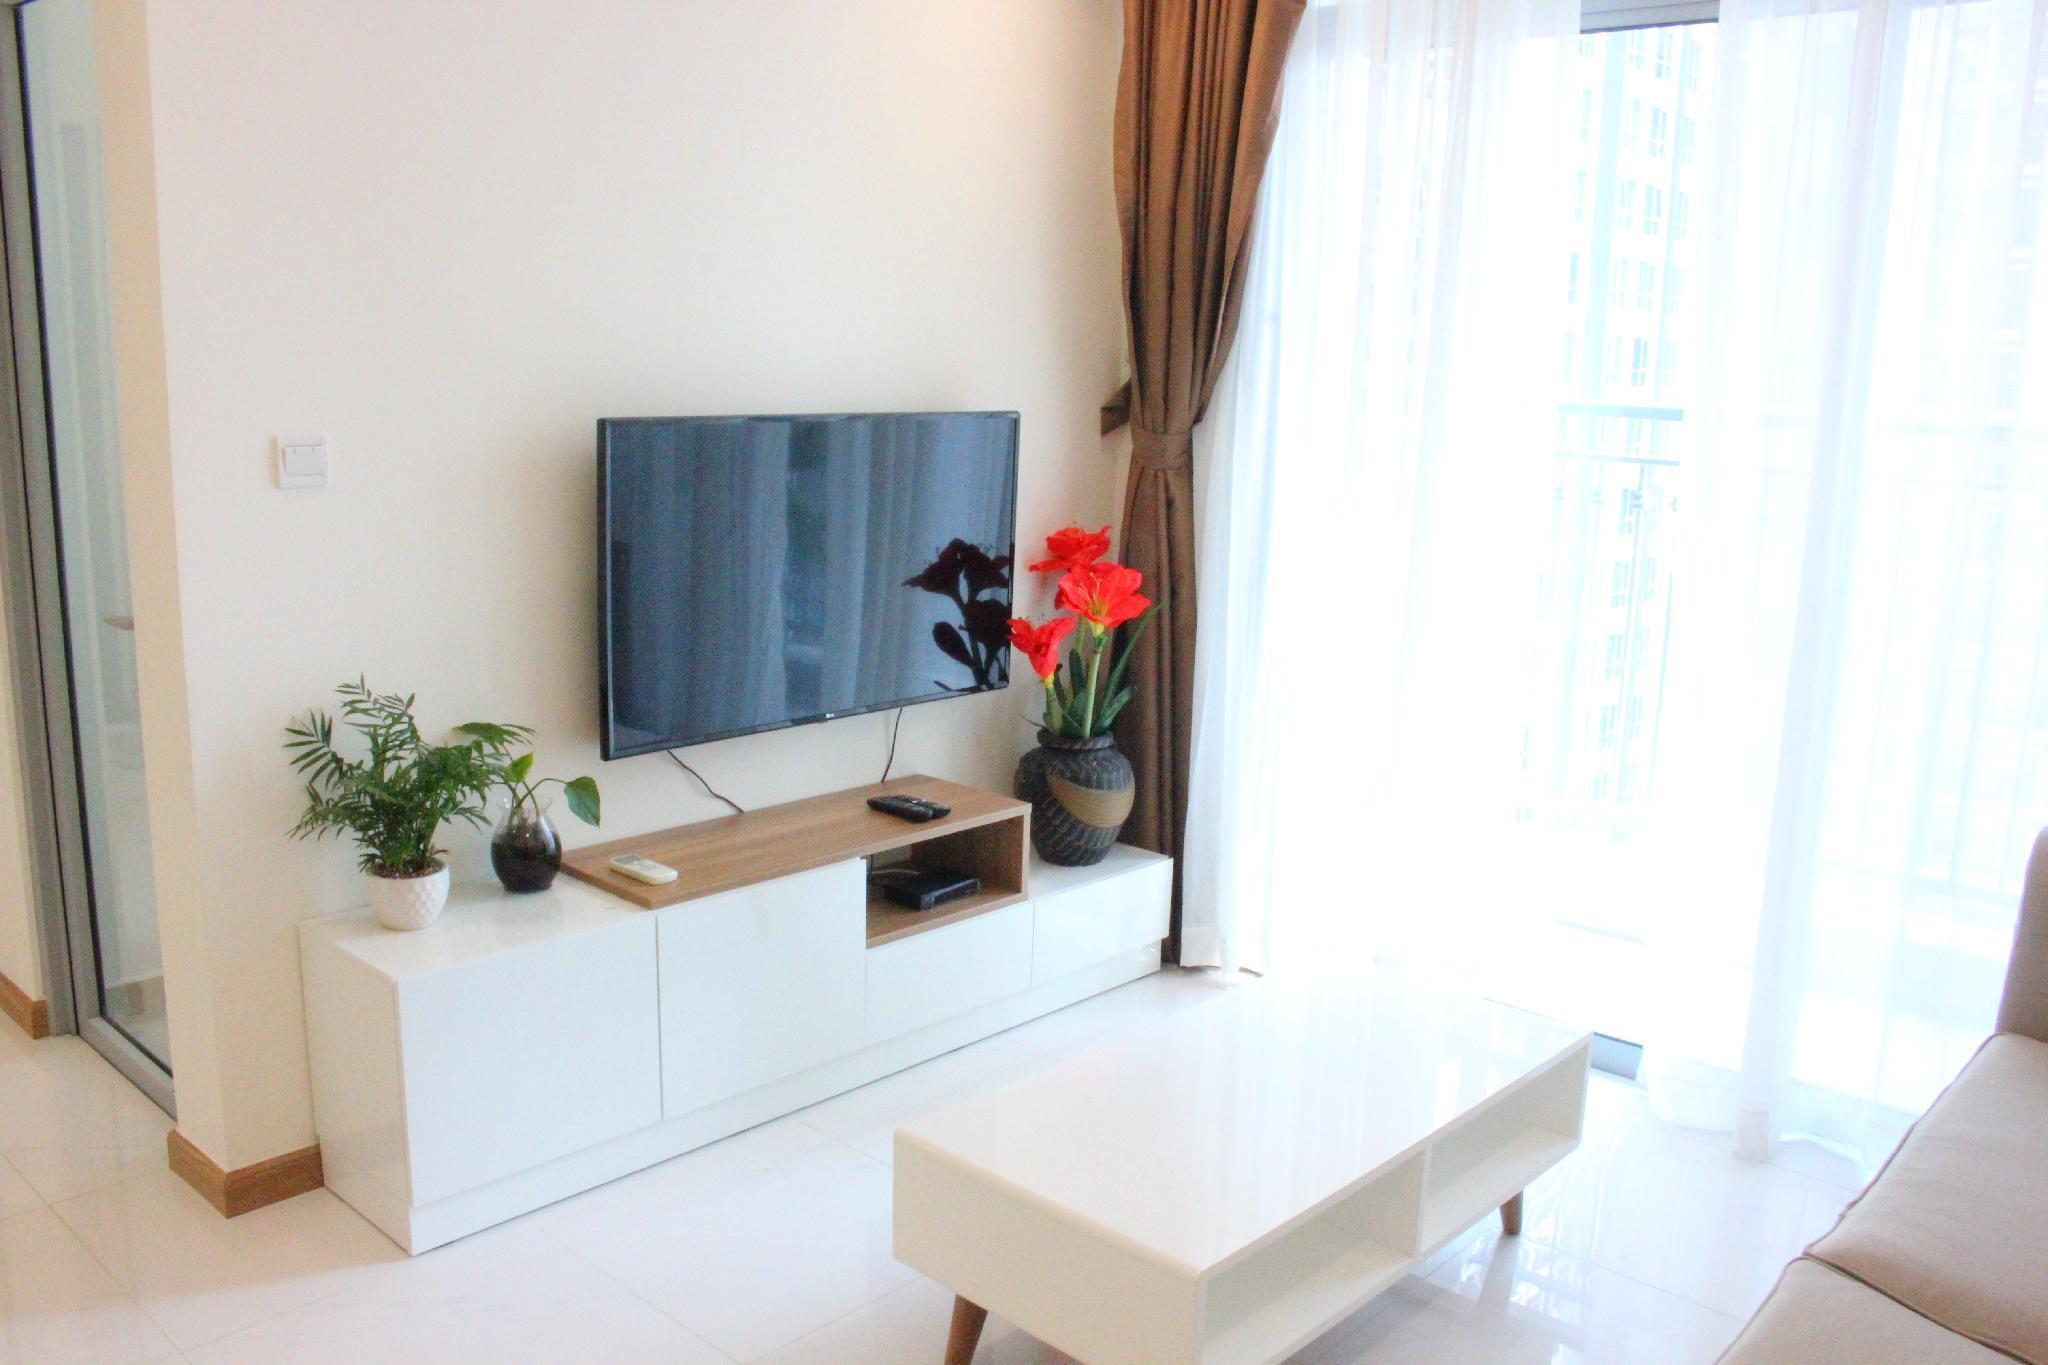 Lak's home - 2BR Apartment - Vinhomes Central Park